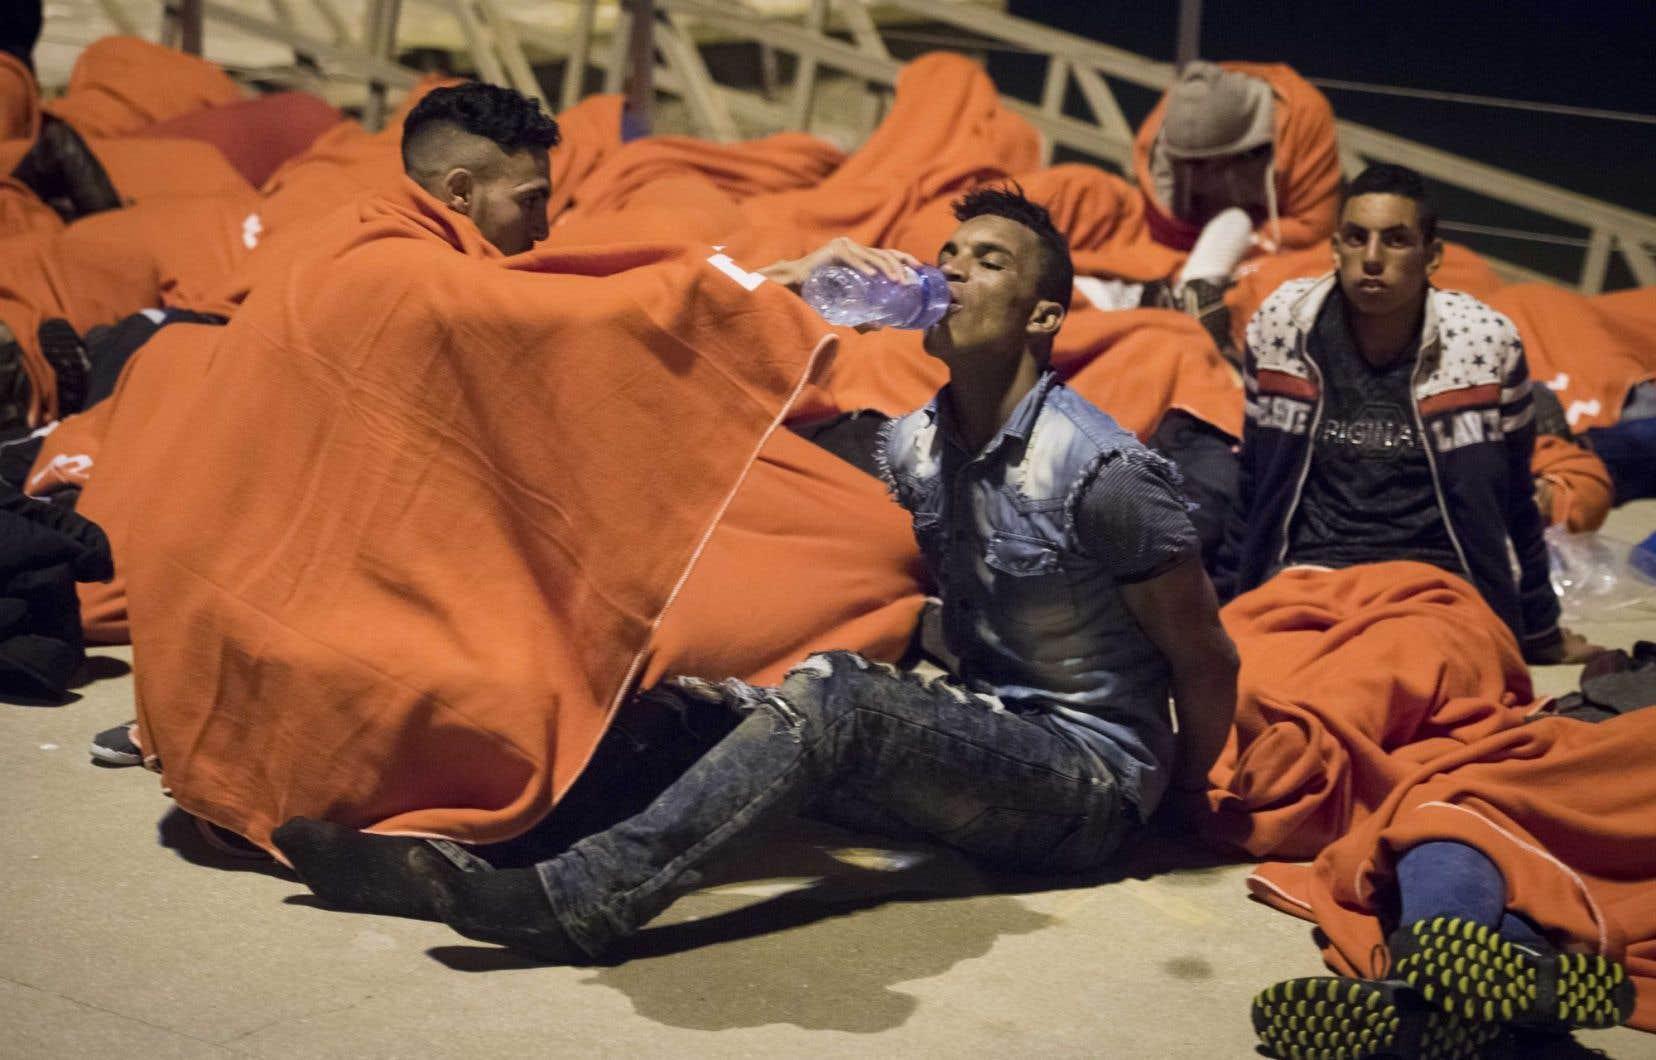 Un migrant marocain abreuve un autre homme alors qu'ils se reposent au port de Barbate, après avoir été secourus dans les eaux du détroit de Gibraltar, au large de la côte espagnole, le 7 juillet 2017.